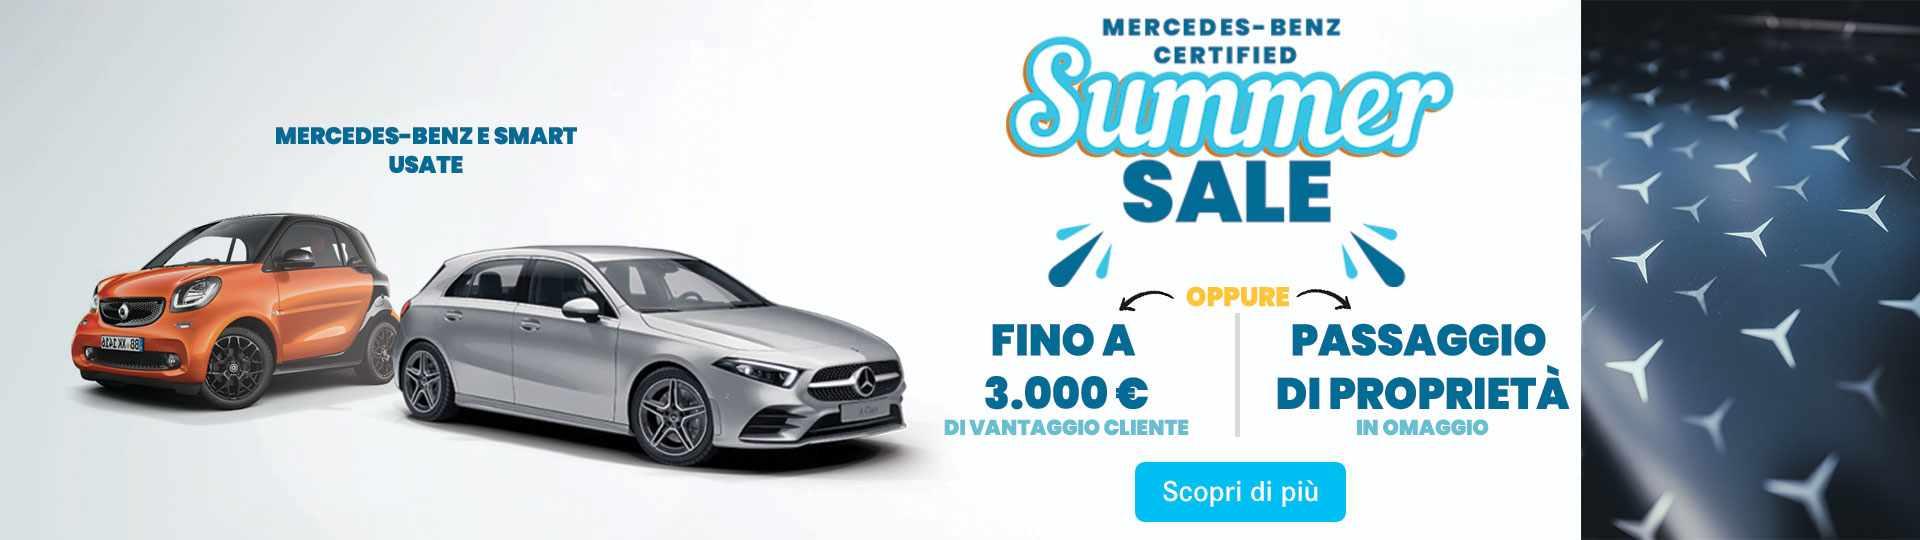 header_gamma_summer_sales_mercedes_luglio_2020_v2.jpg